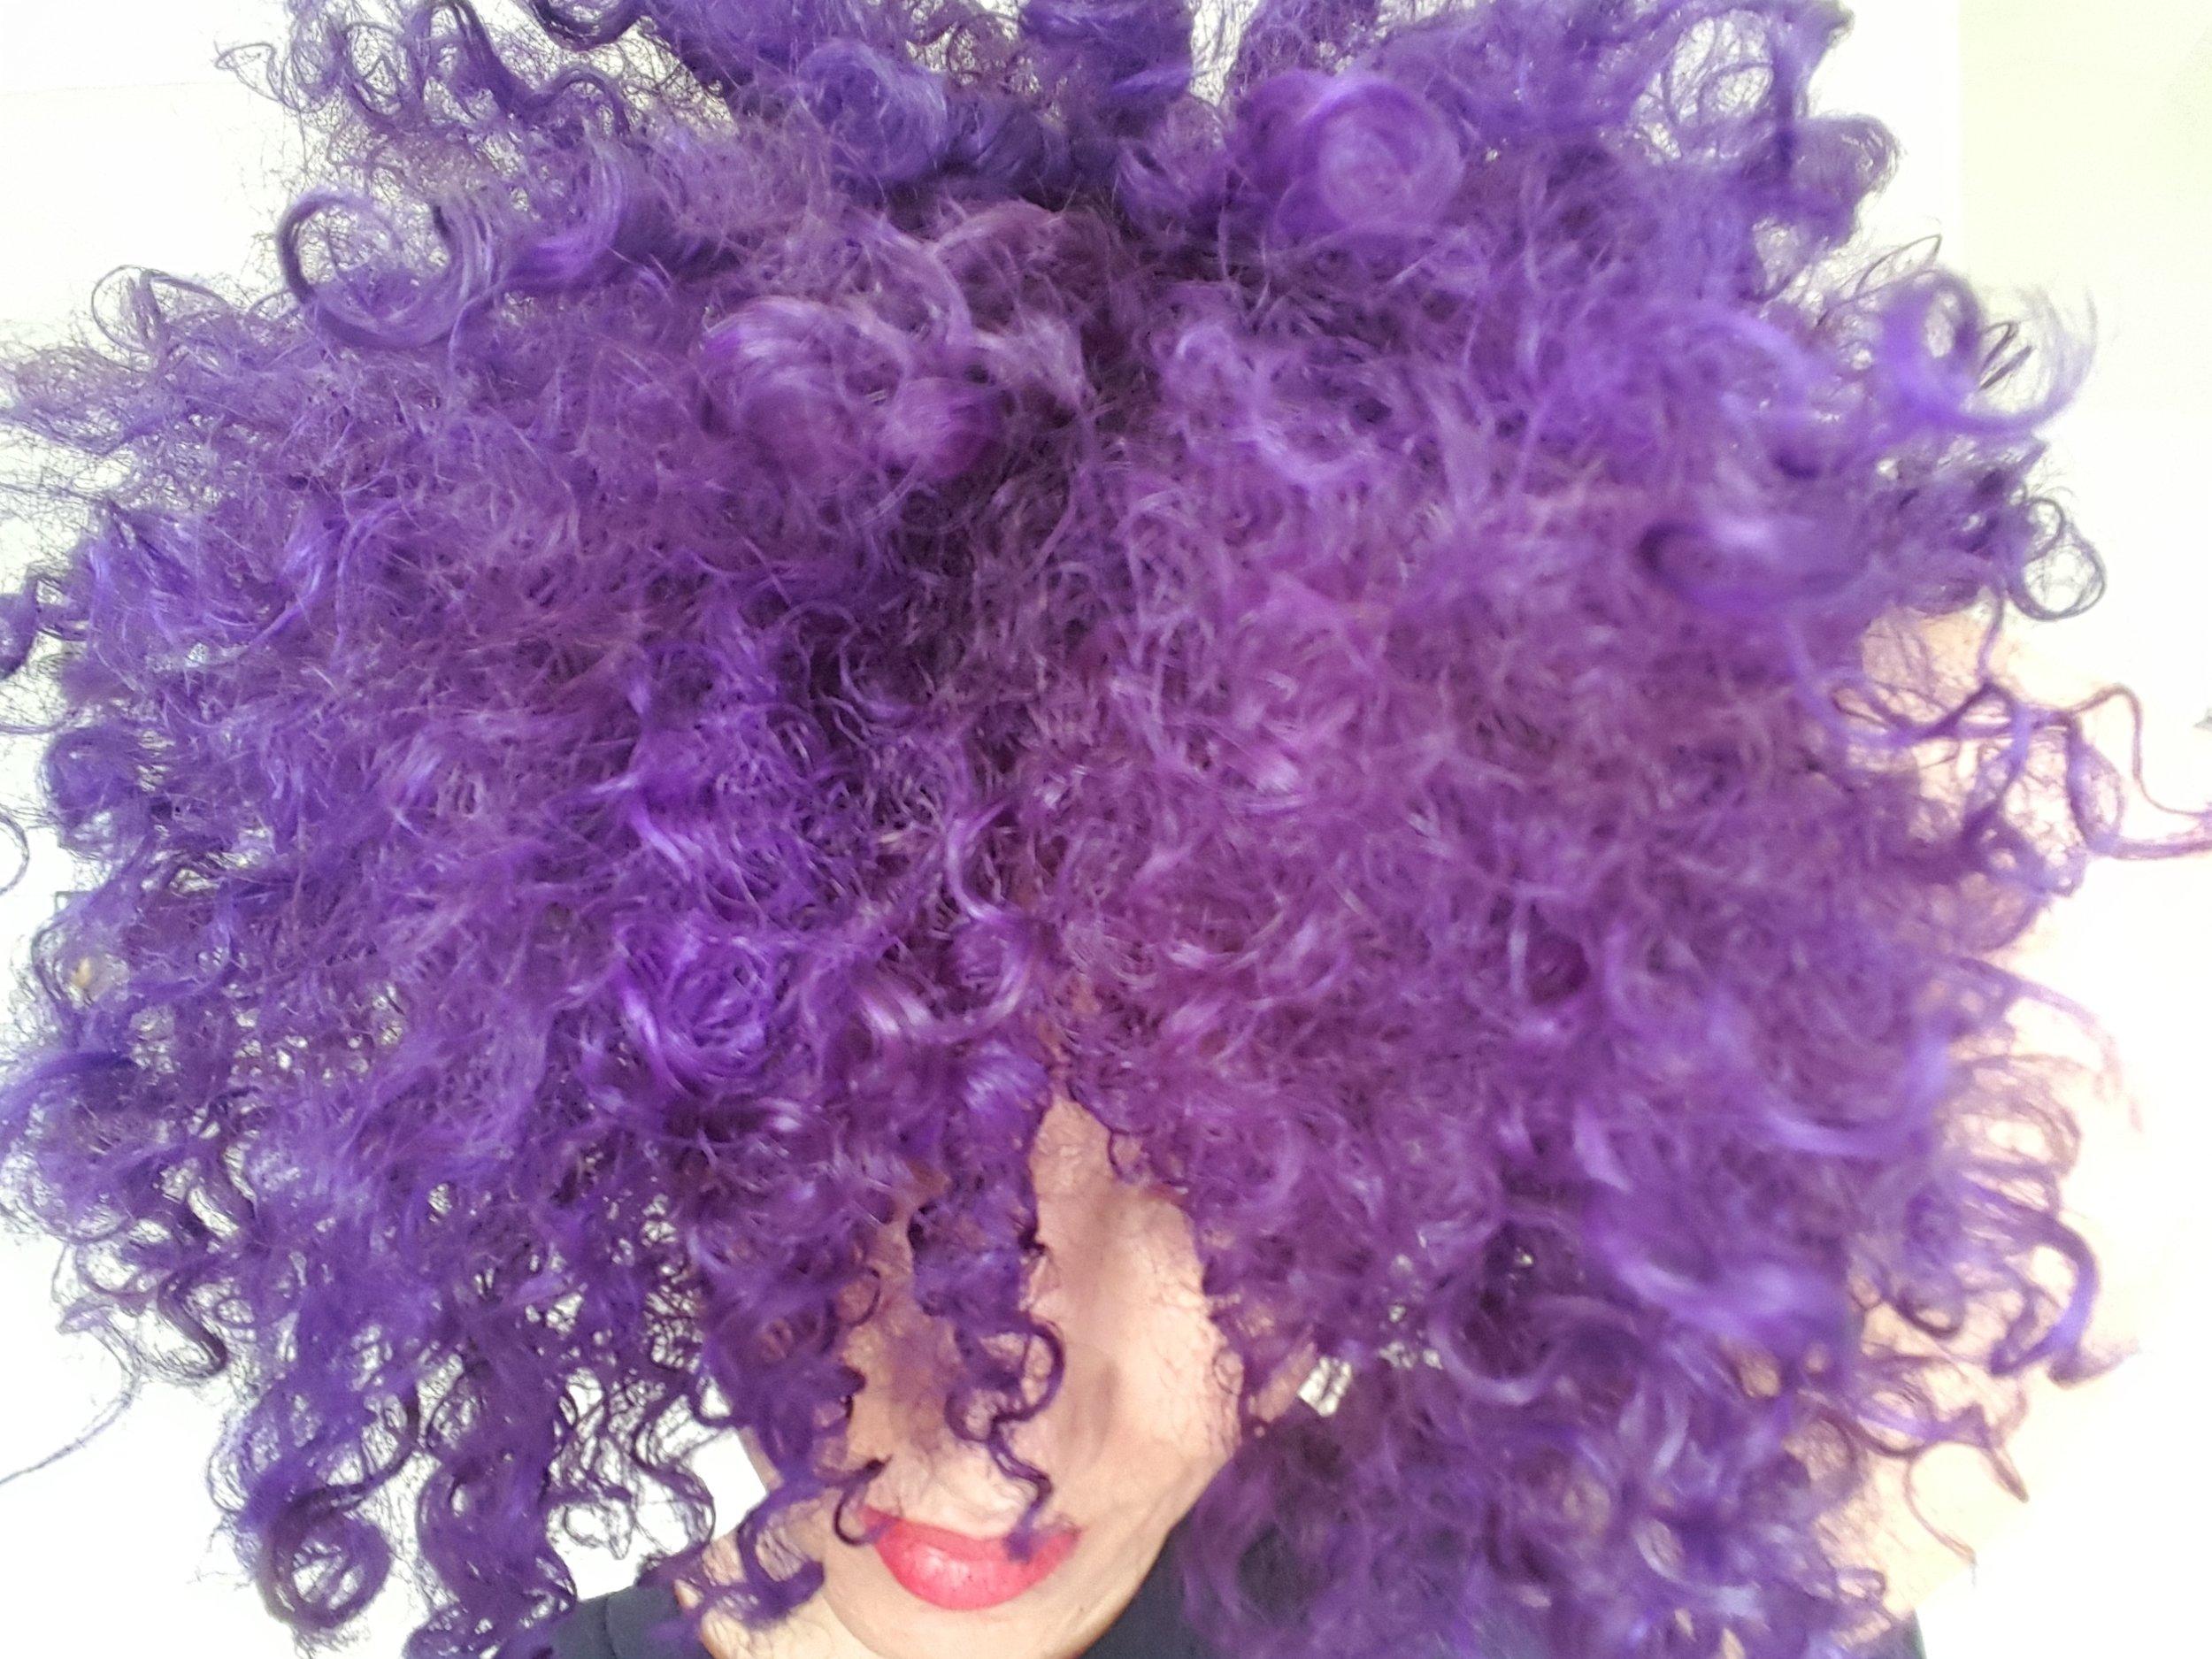 Sili_Purple_Hair_2